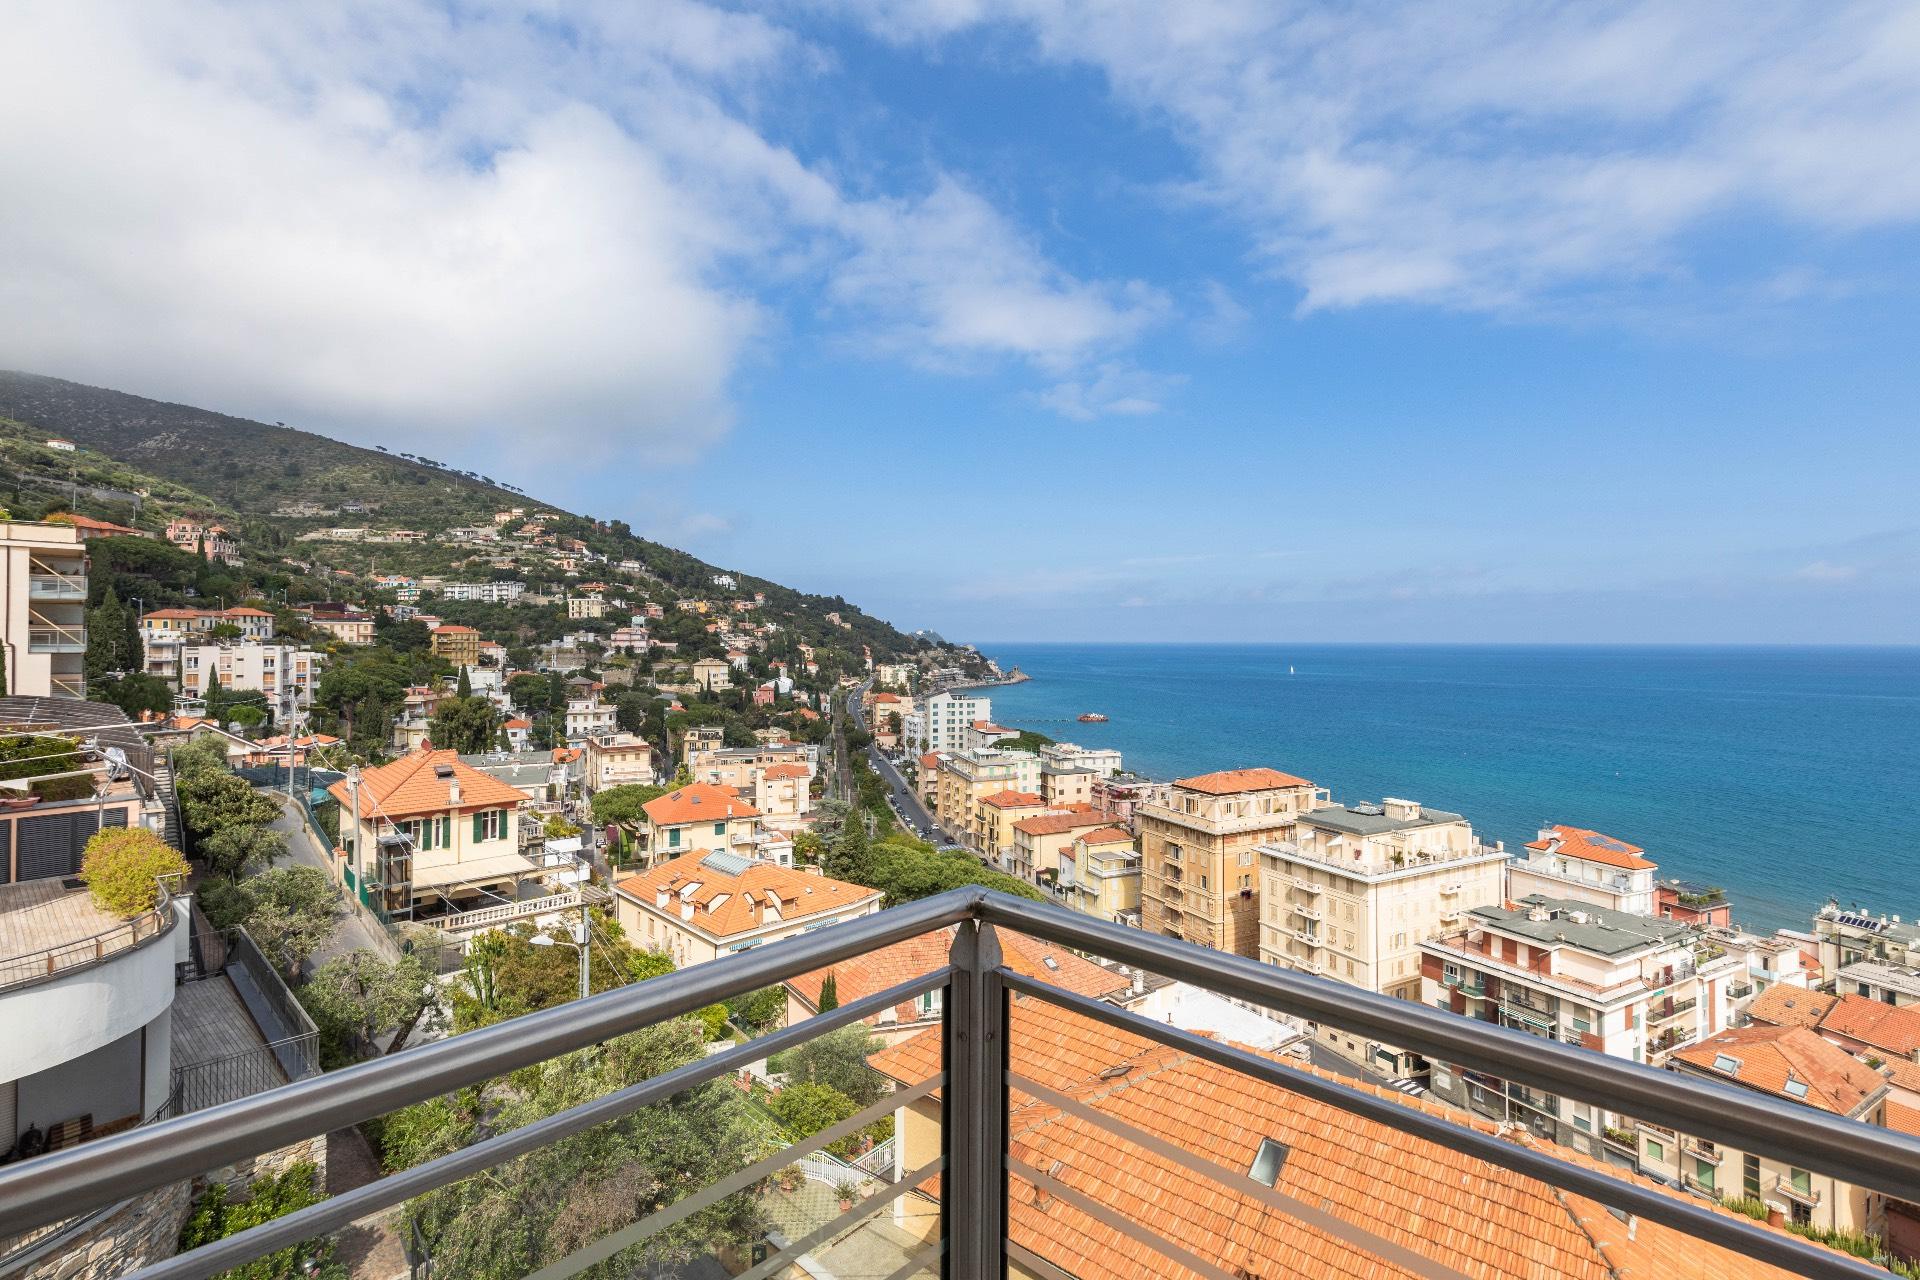 Appartamento in vendita a Alassio, 3 locali, zona a, prezzo € 715.000 | PortaleAgenzieImmobiliari.it